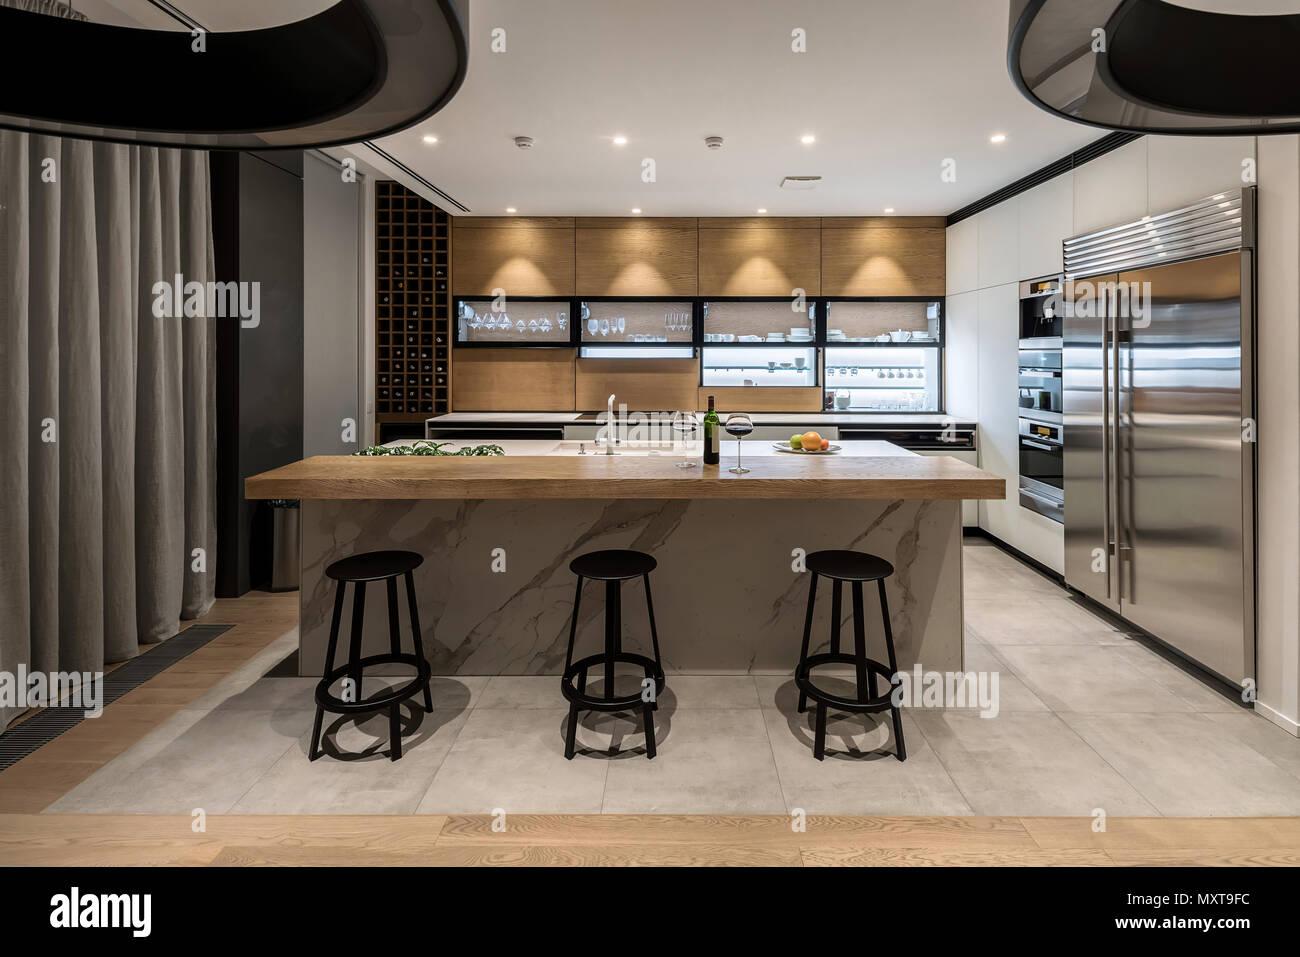 Kuche In Einem Modernen Stil Mit Hellen Wanden Und Einem Parkett Und